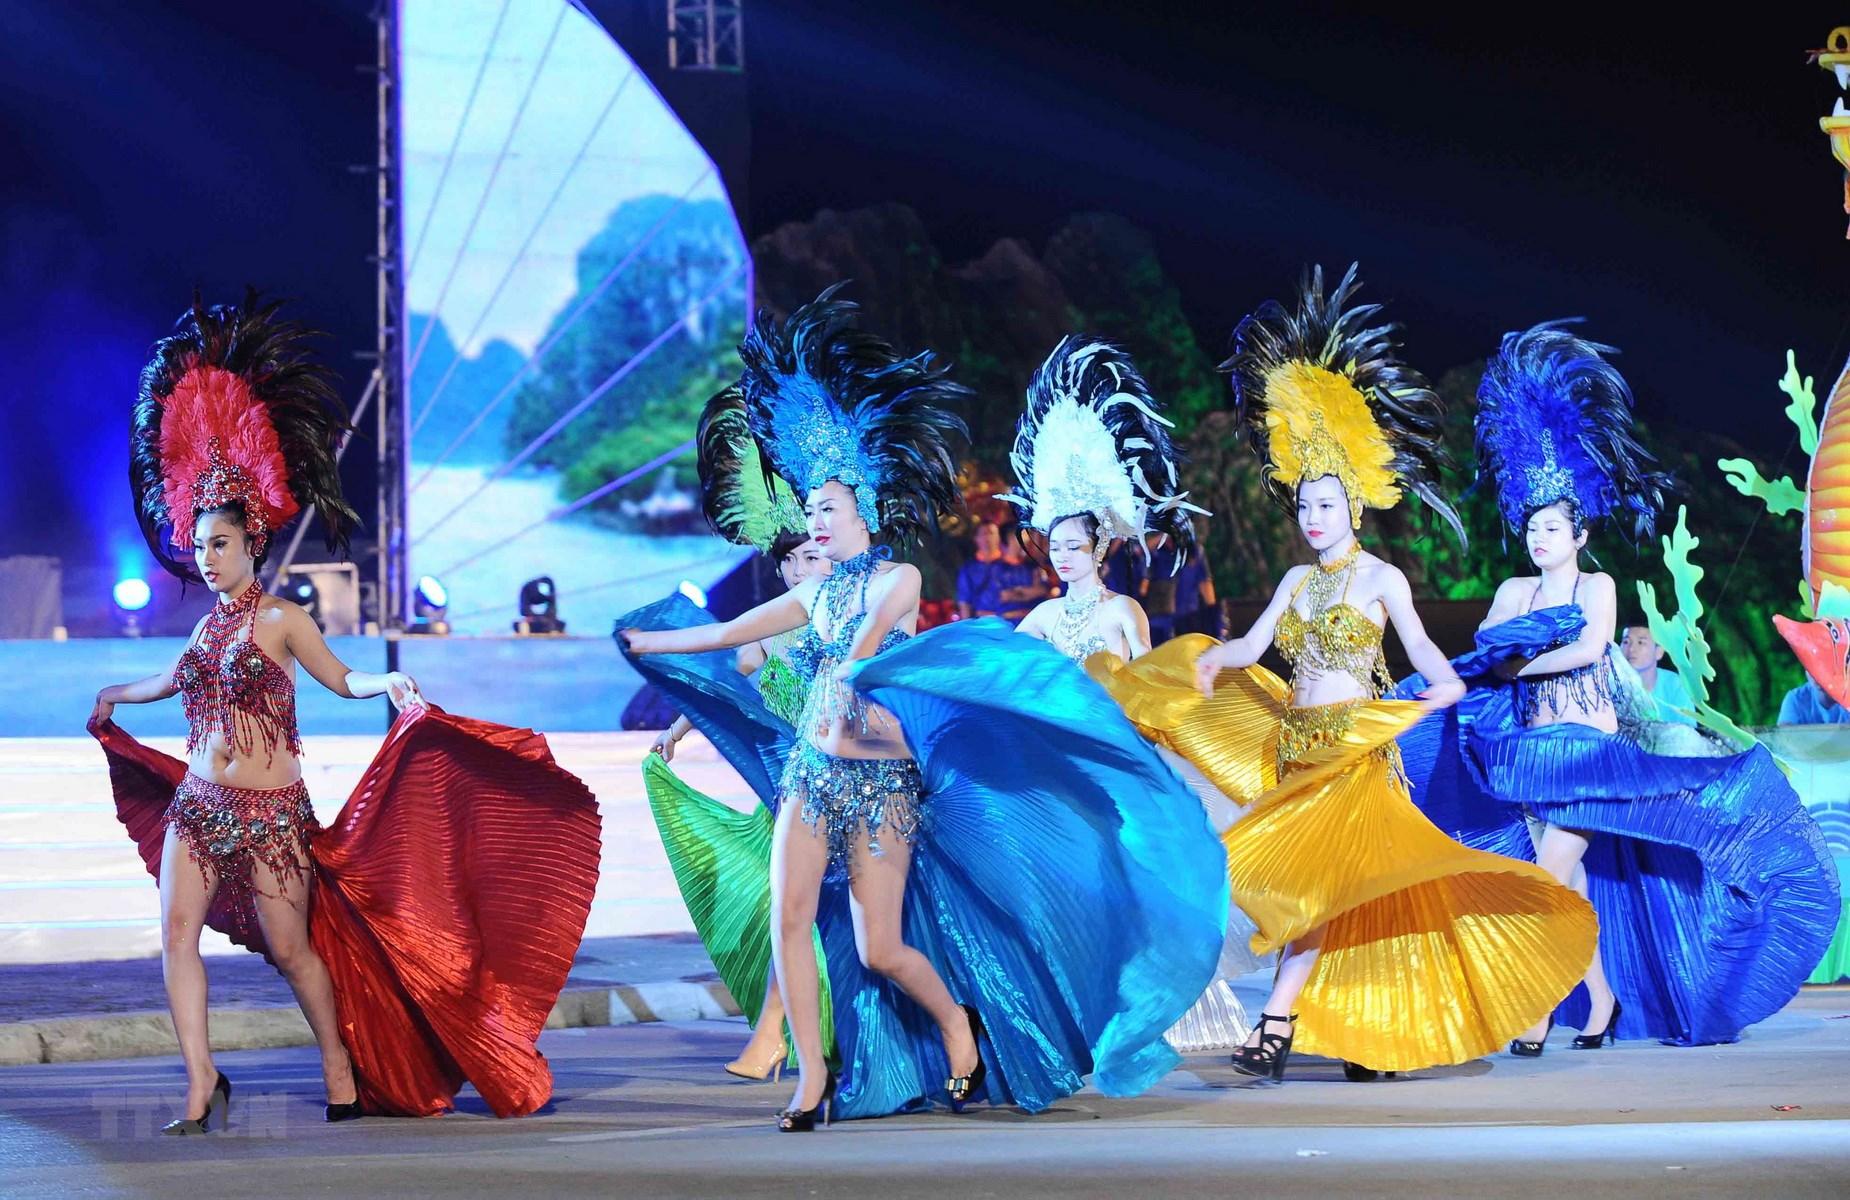 Carnaval Hạ Long 2016 sẽ không còn là lễ hội đường phố | Văn hóa | Vietnam+  (VietnamPlus)